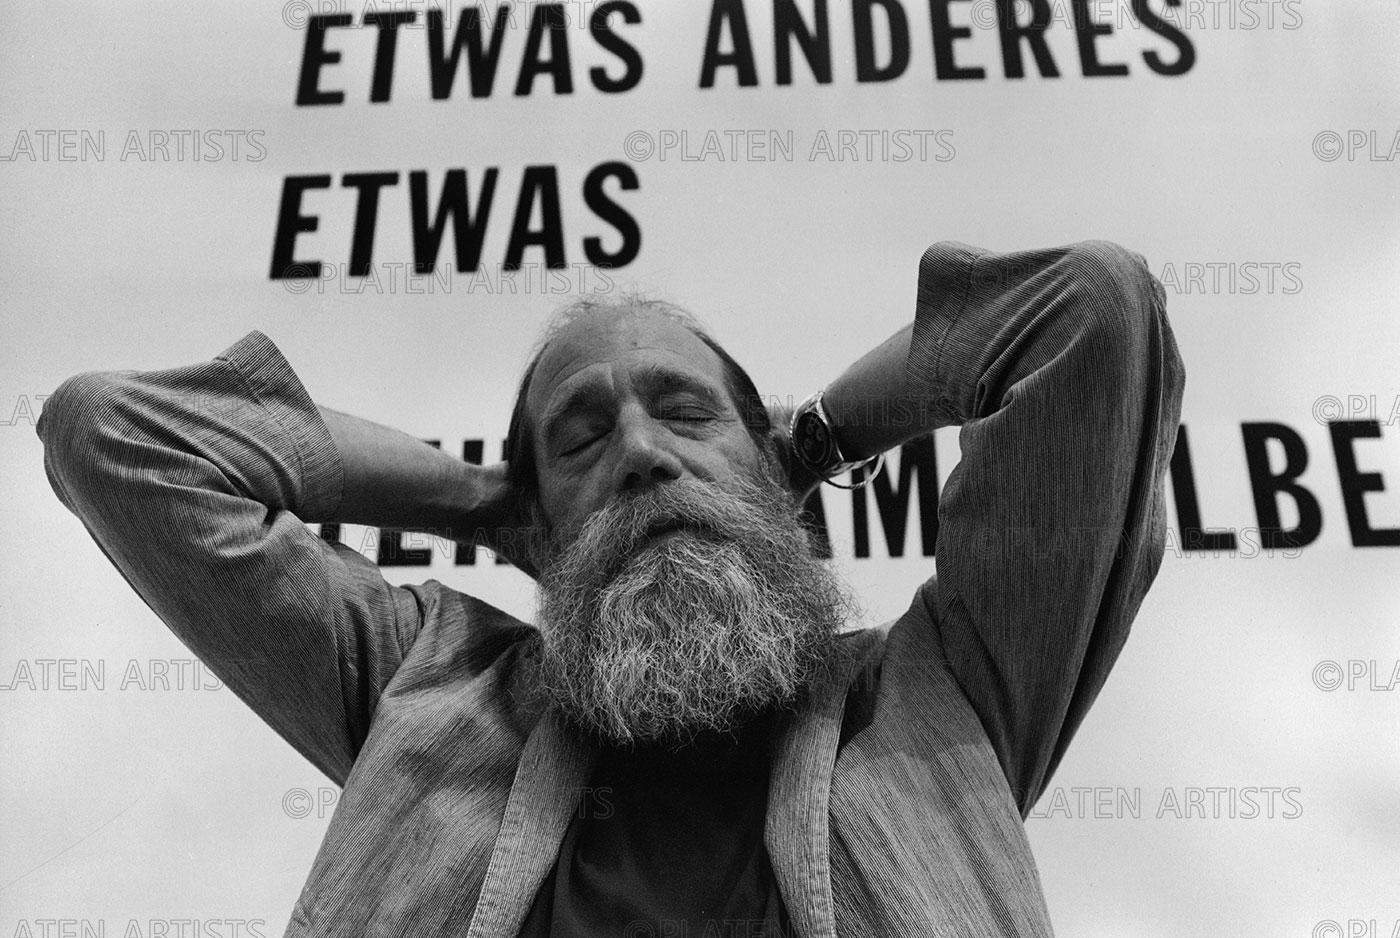 Lawrence Weiner, Etwas anderes ausser sich selbst, Berlin 2000